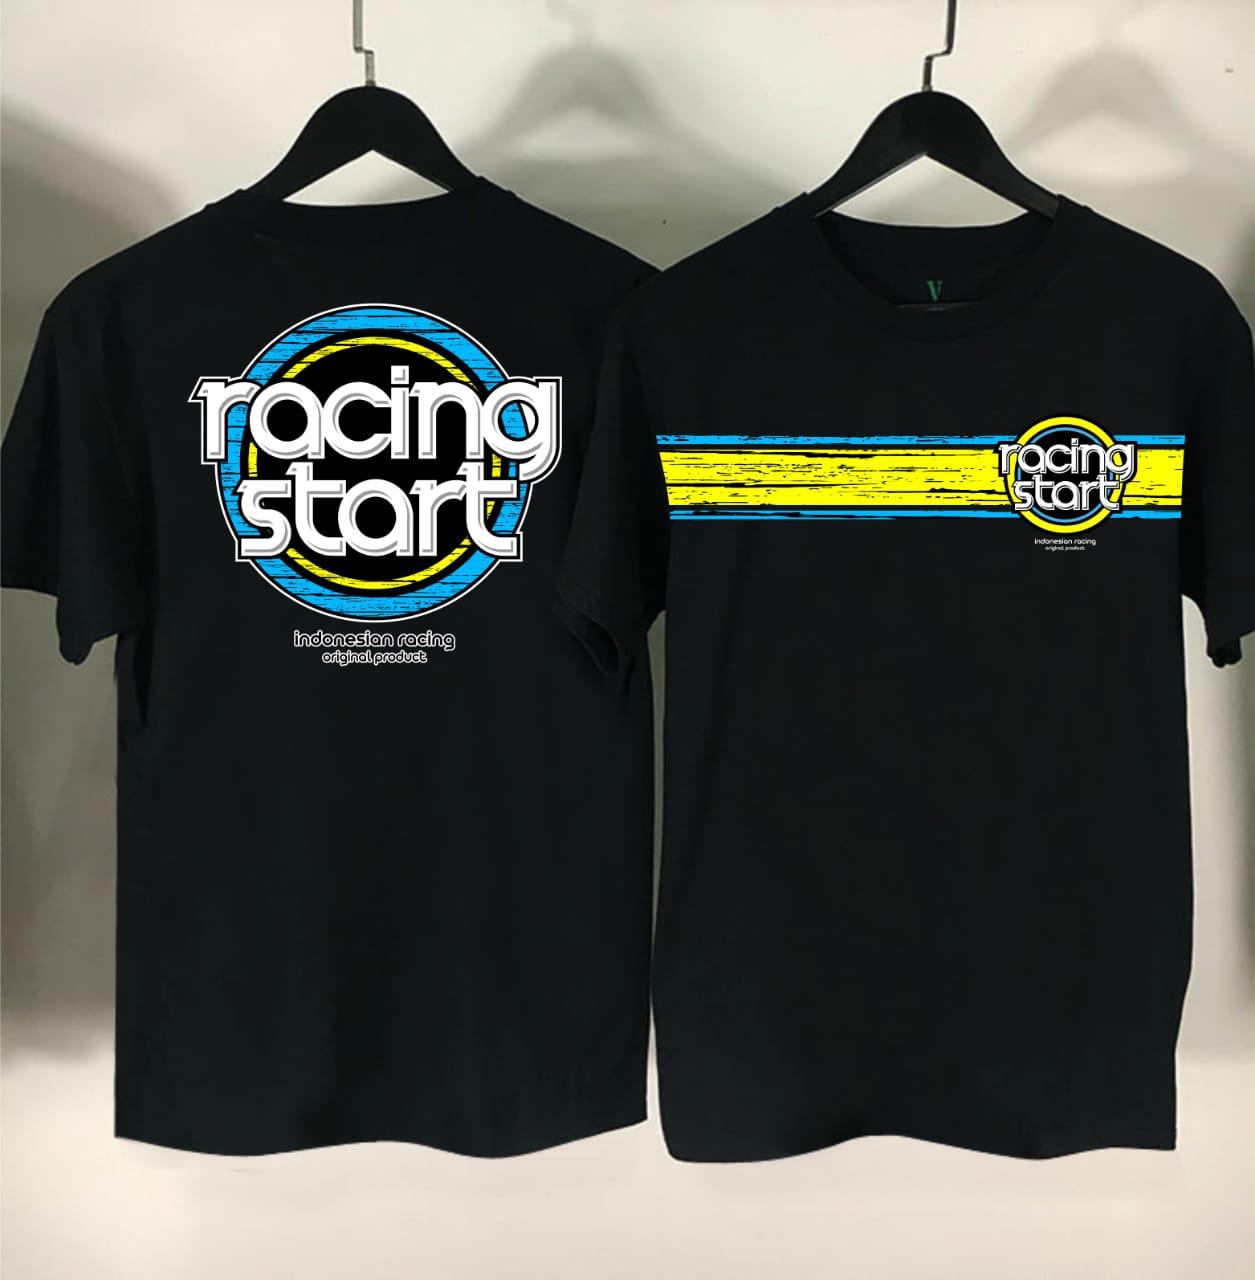 D Blabo Store Kaos Racingstart Indonesia Kaos Balap Kaos Racing Kaos Motor Kaos Pria Distro Baju Distro Lazada Indonesia